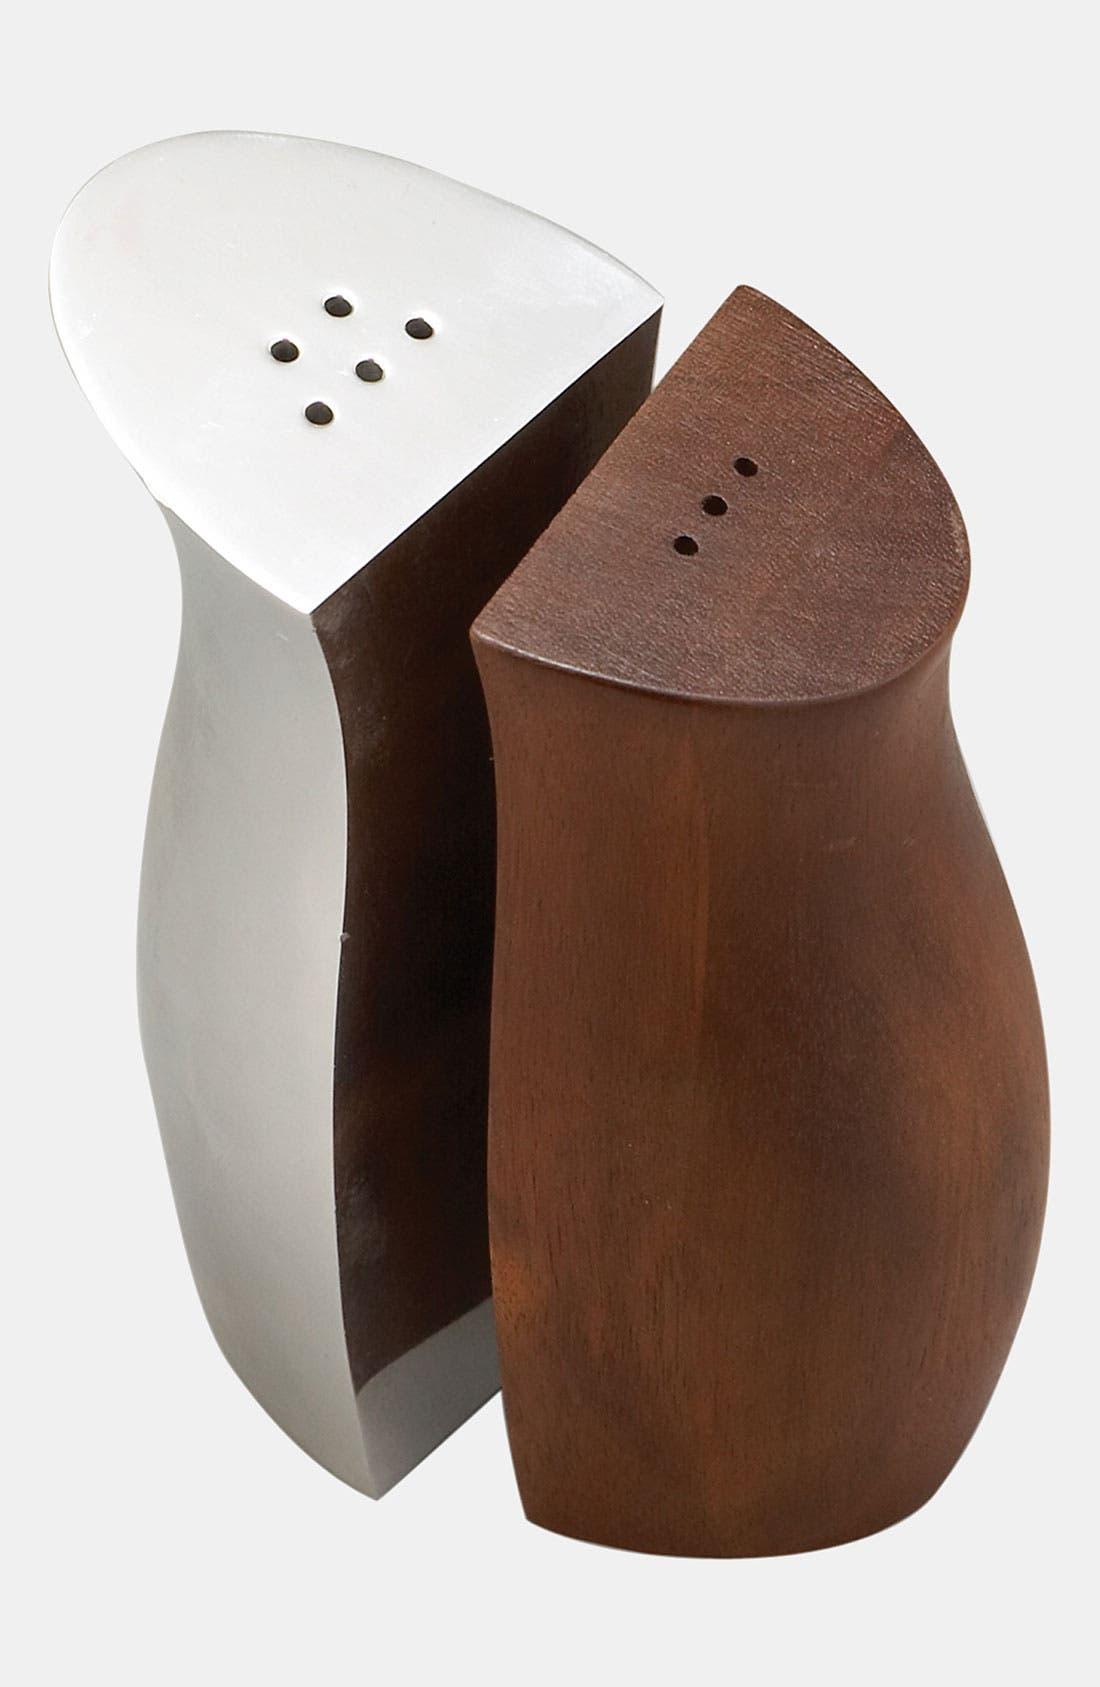 Main Image - Nambé 'Cradle' Salt & Pepper Shakers